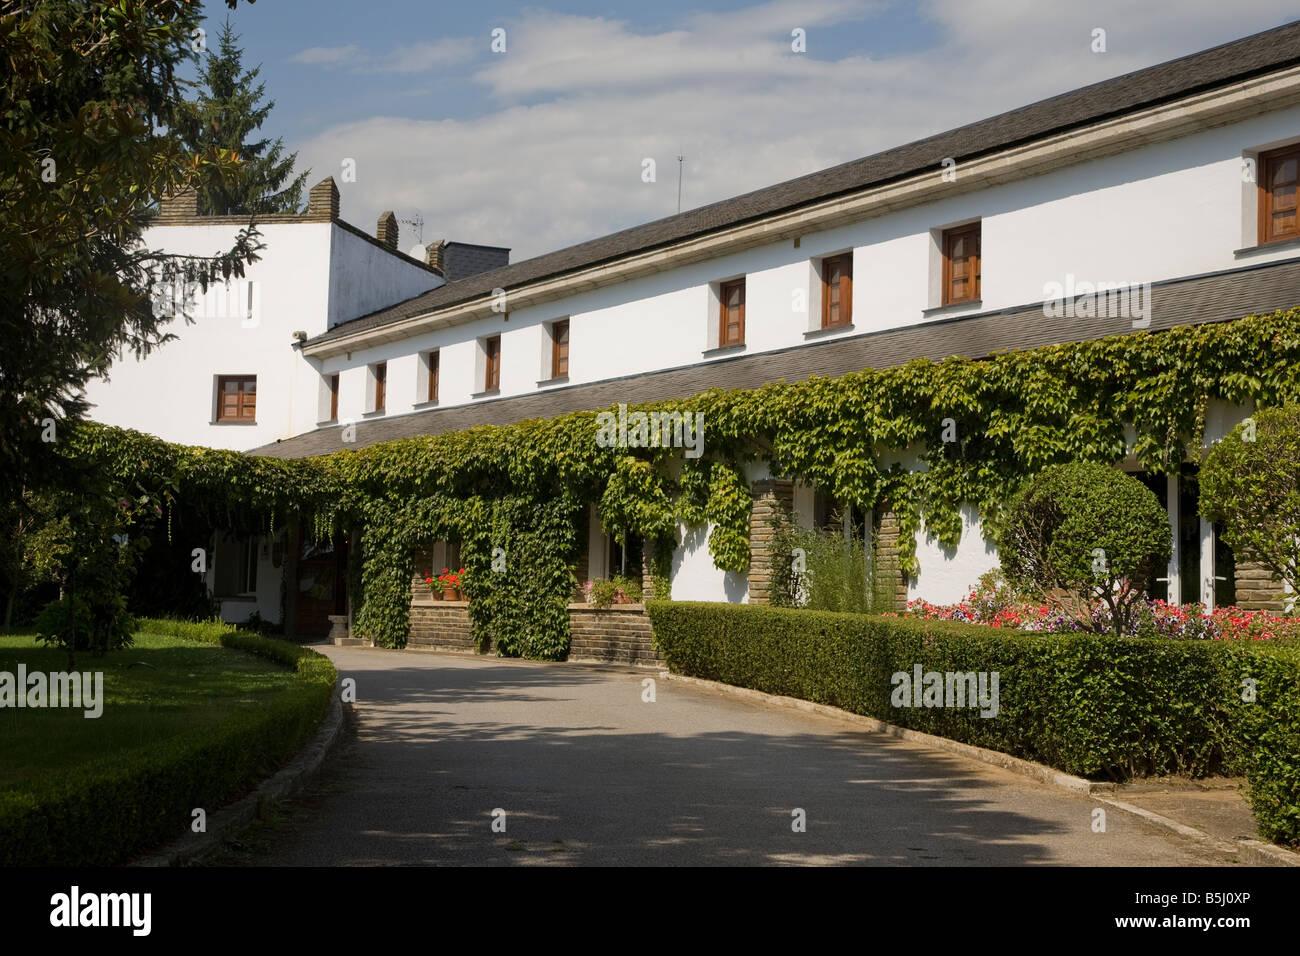 Parador Hotel, Villafranca del Bierzo, Castile and Leon, Spain - Stock Image